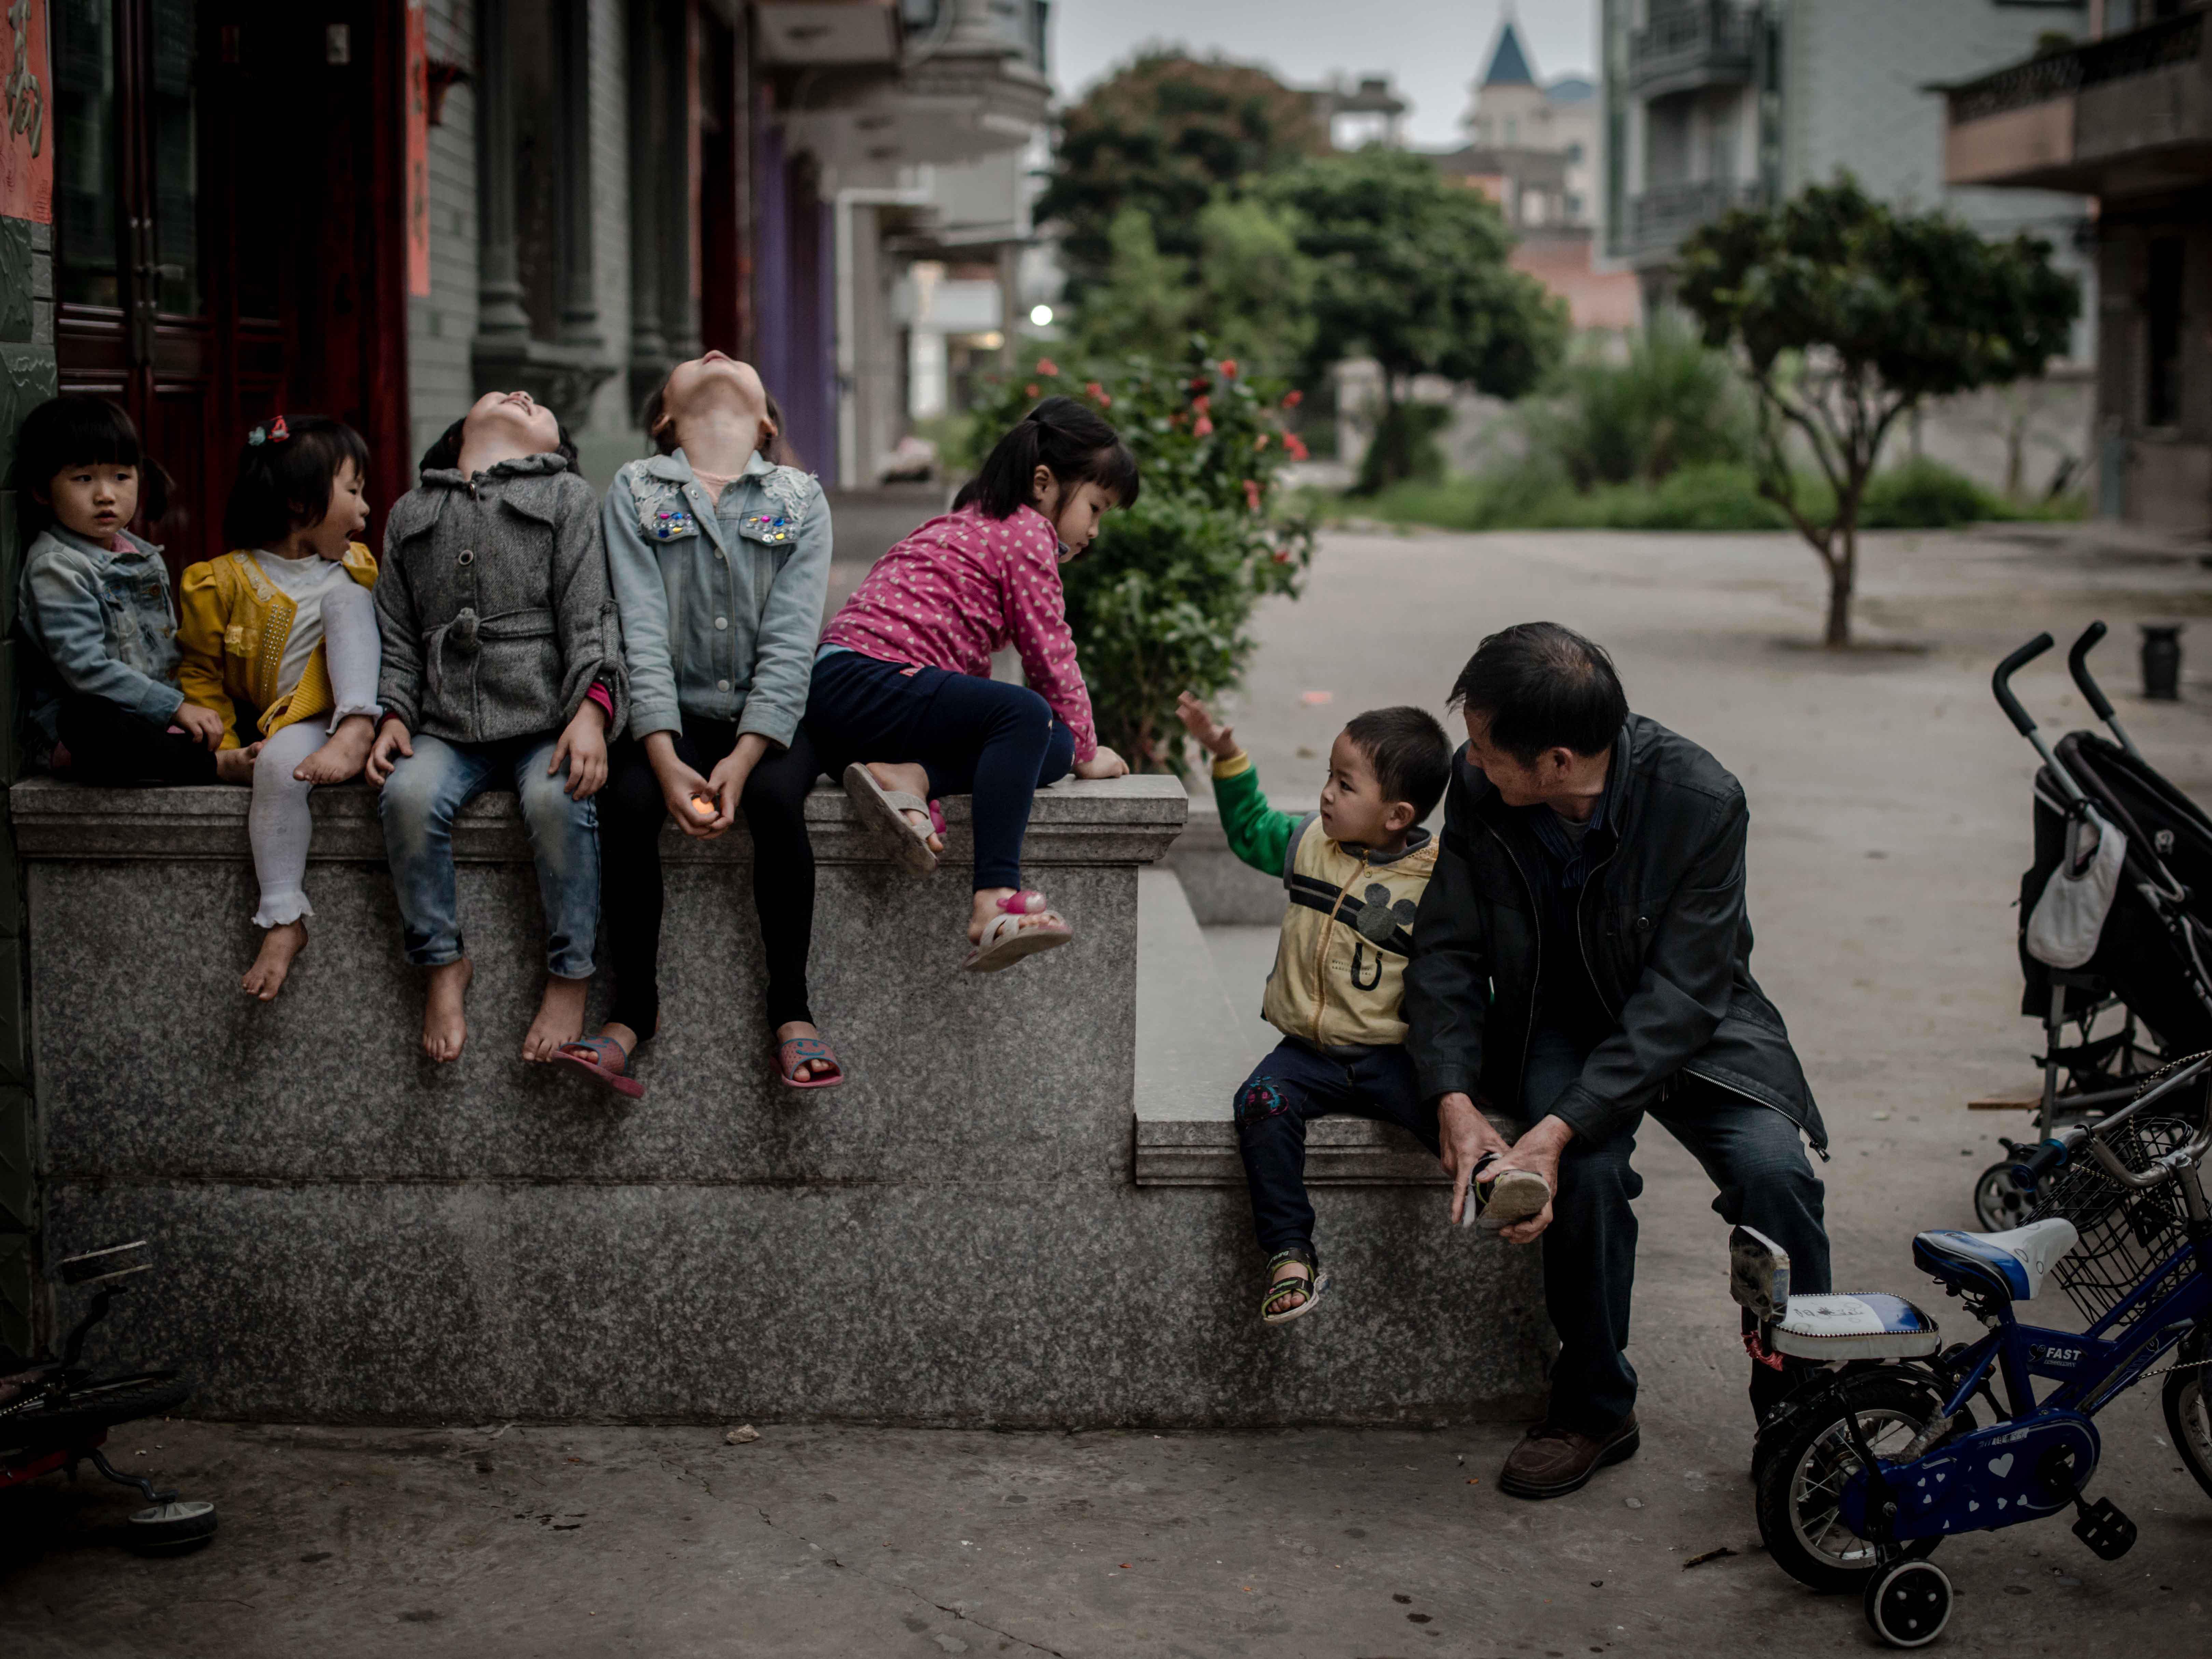 2014年5月1日,福建长乐潭头镇,这些孩子都是英国或者美国公民。他们非法移民的父母是造成移民等于去做廉价劳动力这一印象的重要原因之一。/CFP